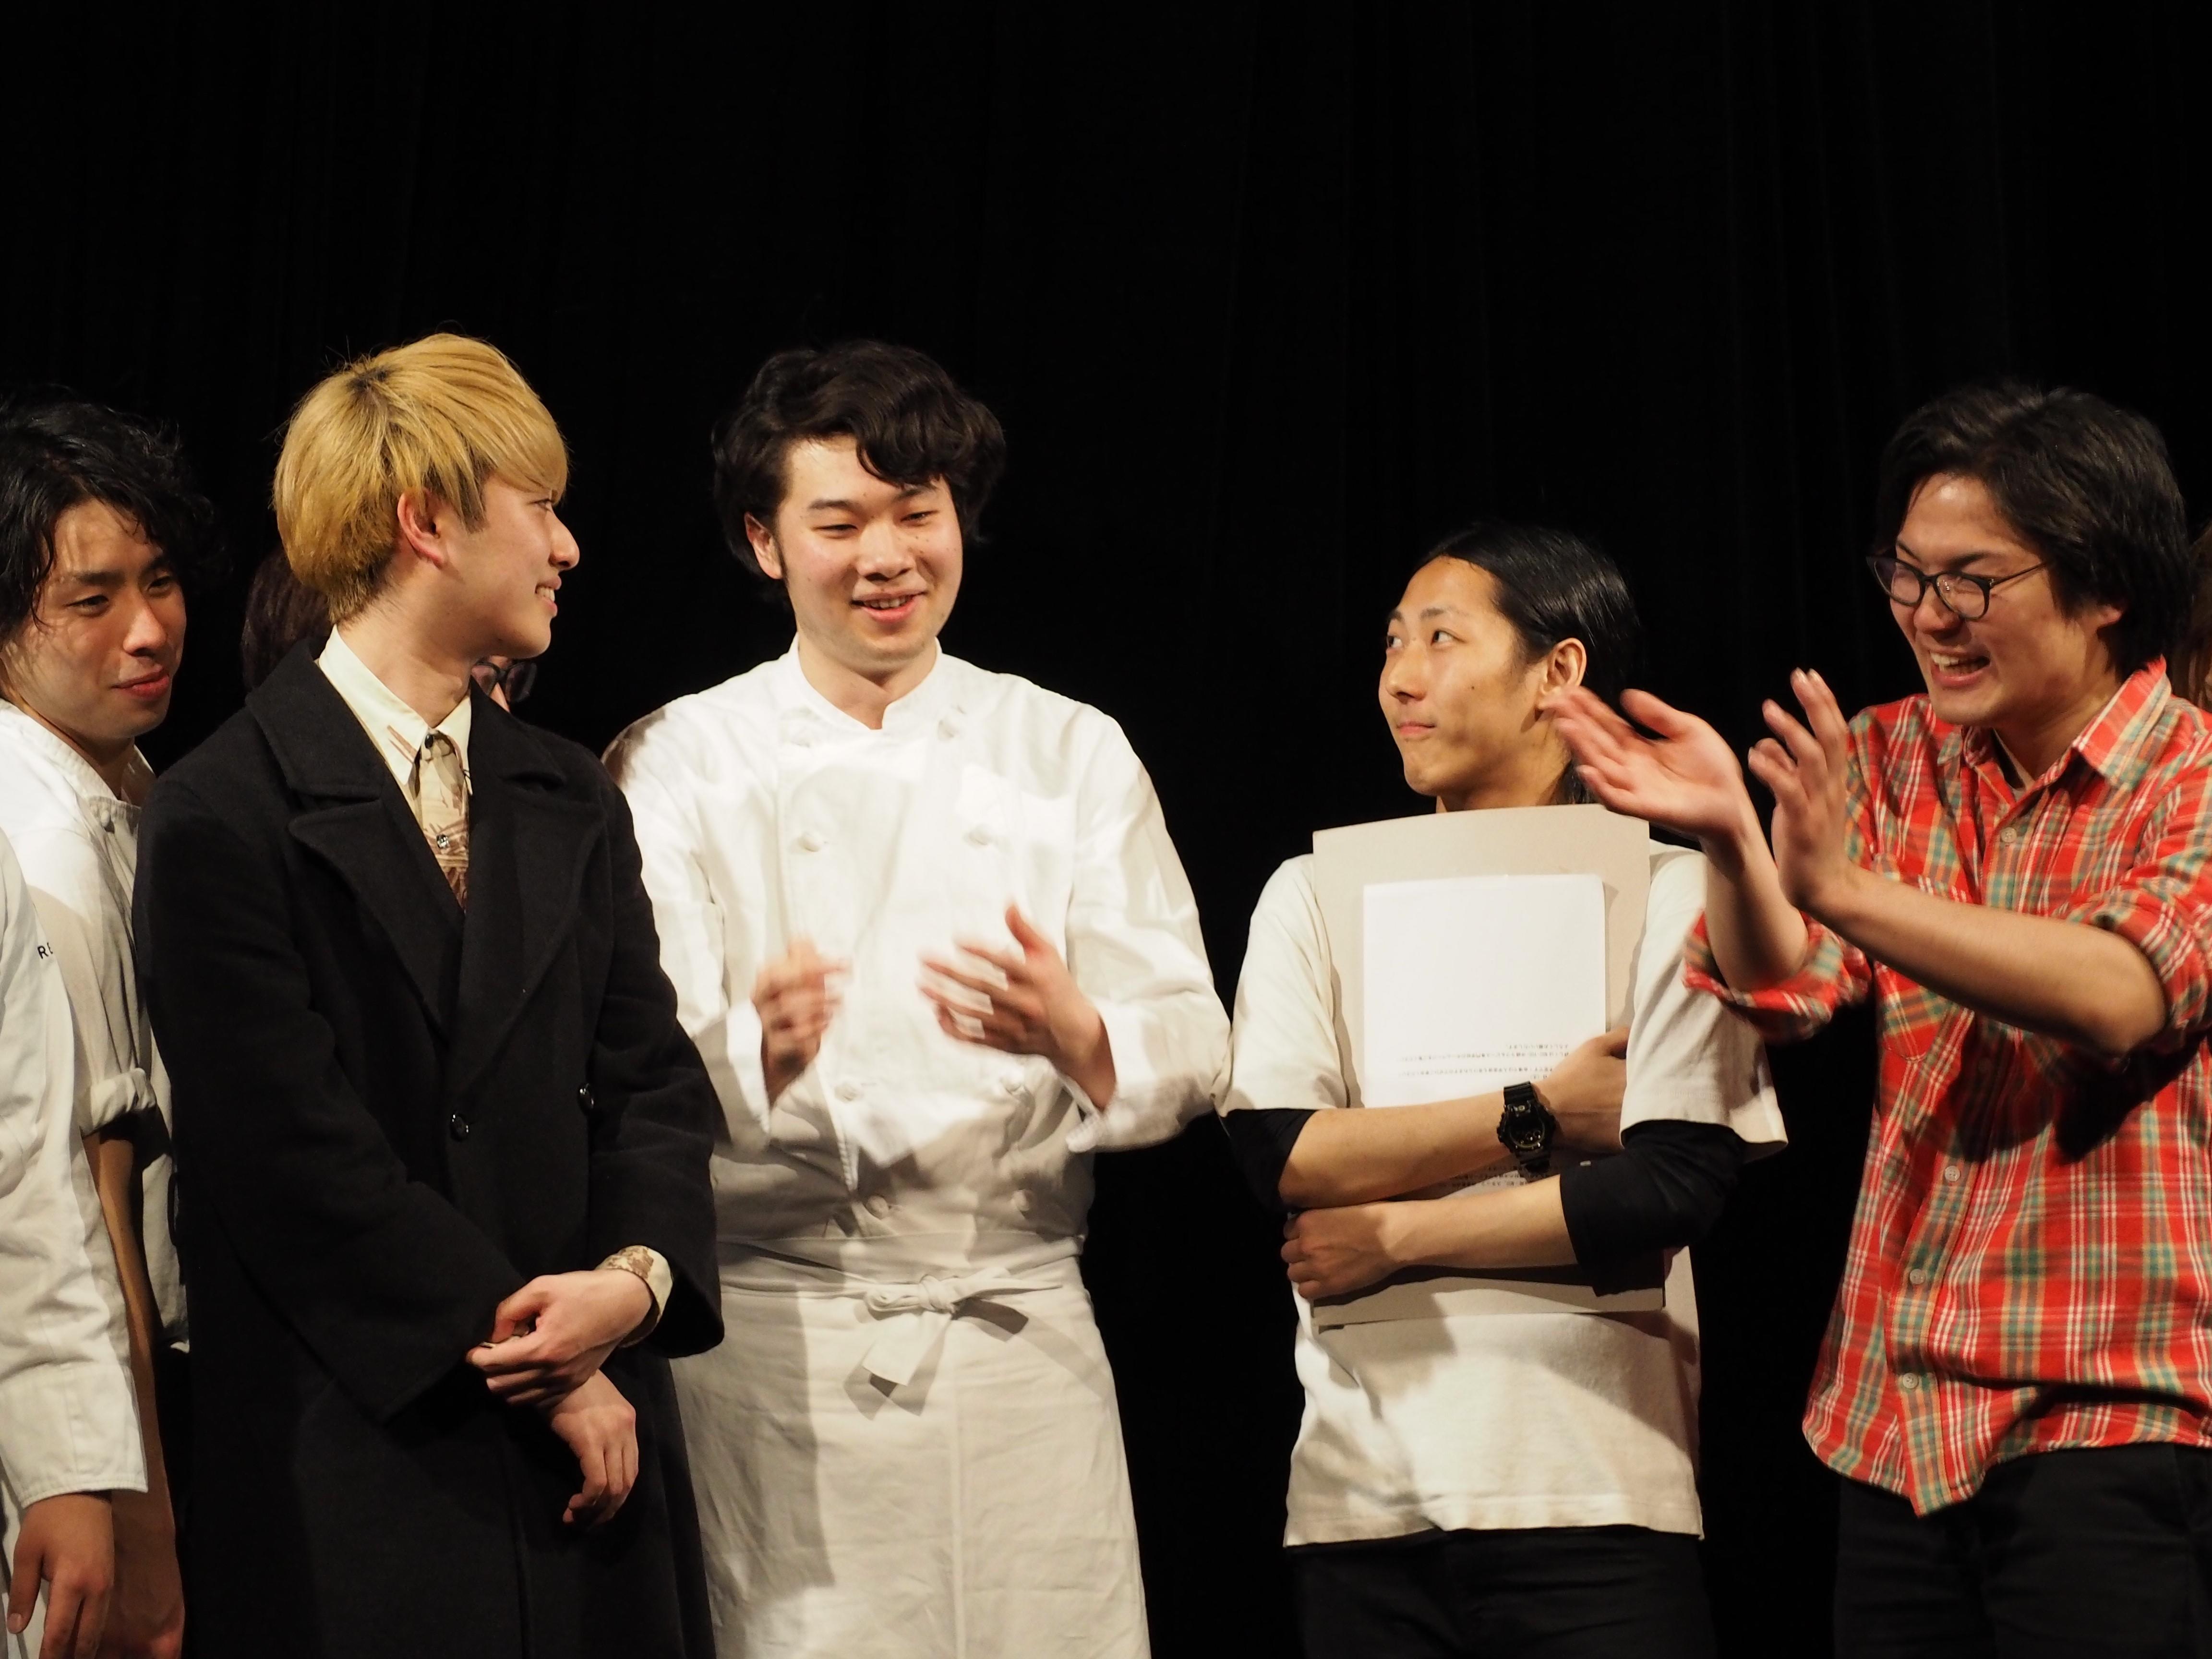 http://news.yoshimoto.co.jp/20180330202056-3263fd289b0bebf7c35010486a2d91bff103f05c.jpg